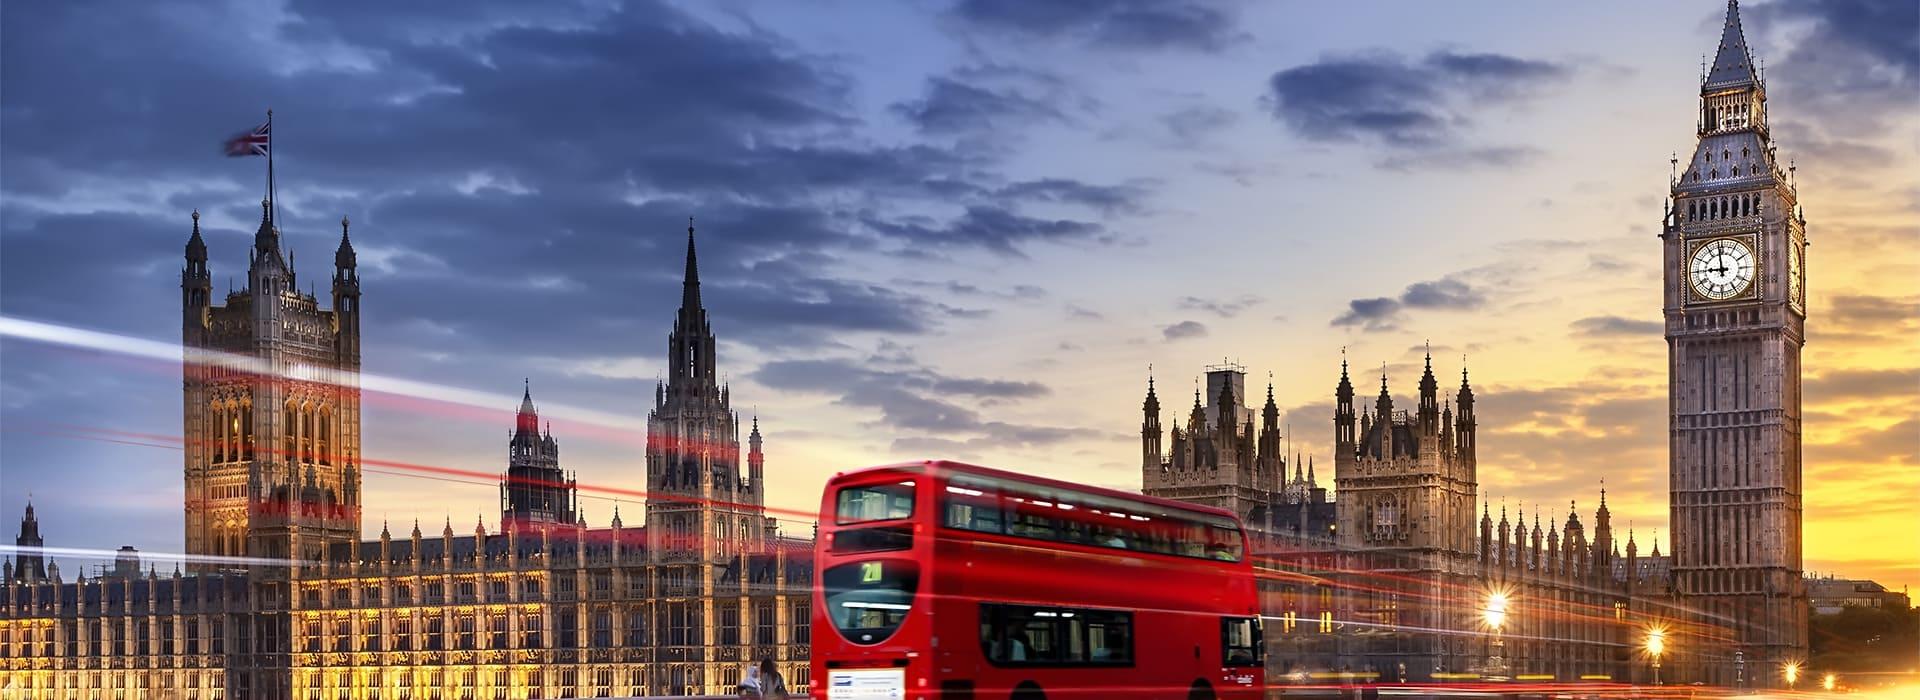 Дешевые авиабилеты в Лондон из Киева и Украины | КИЙ АВИА